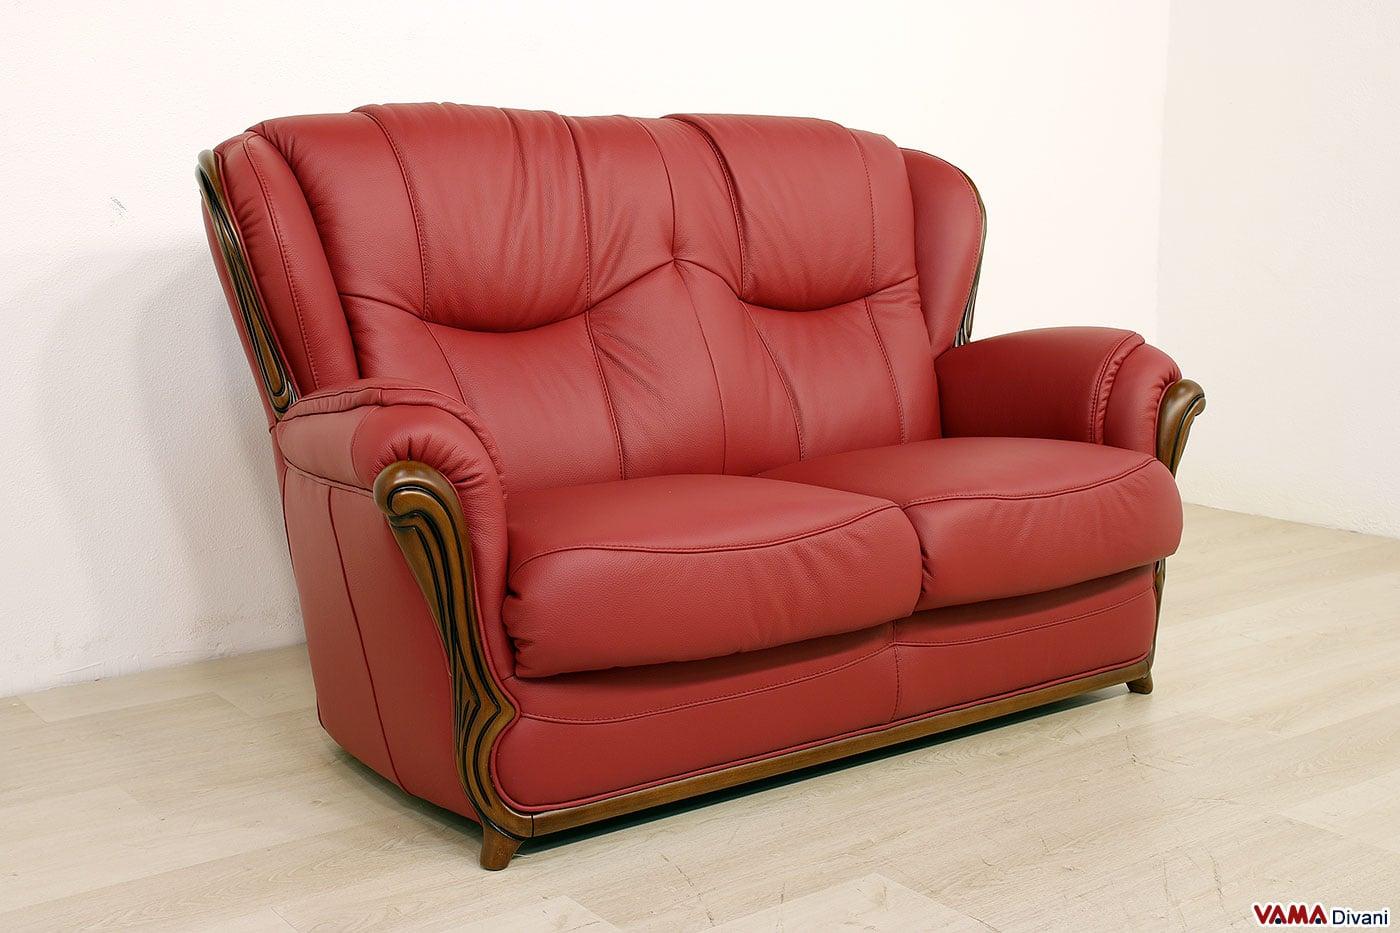 Divano milena vama divani - Dimensione divano 2 posti ...